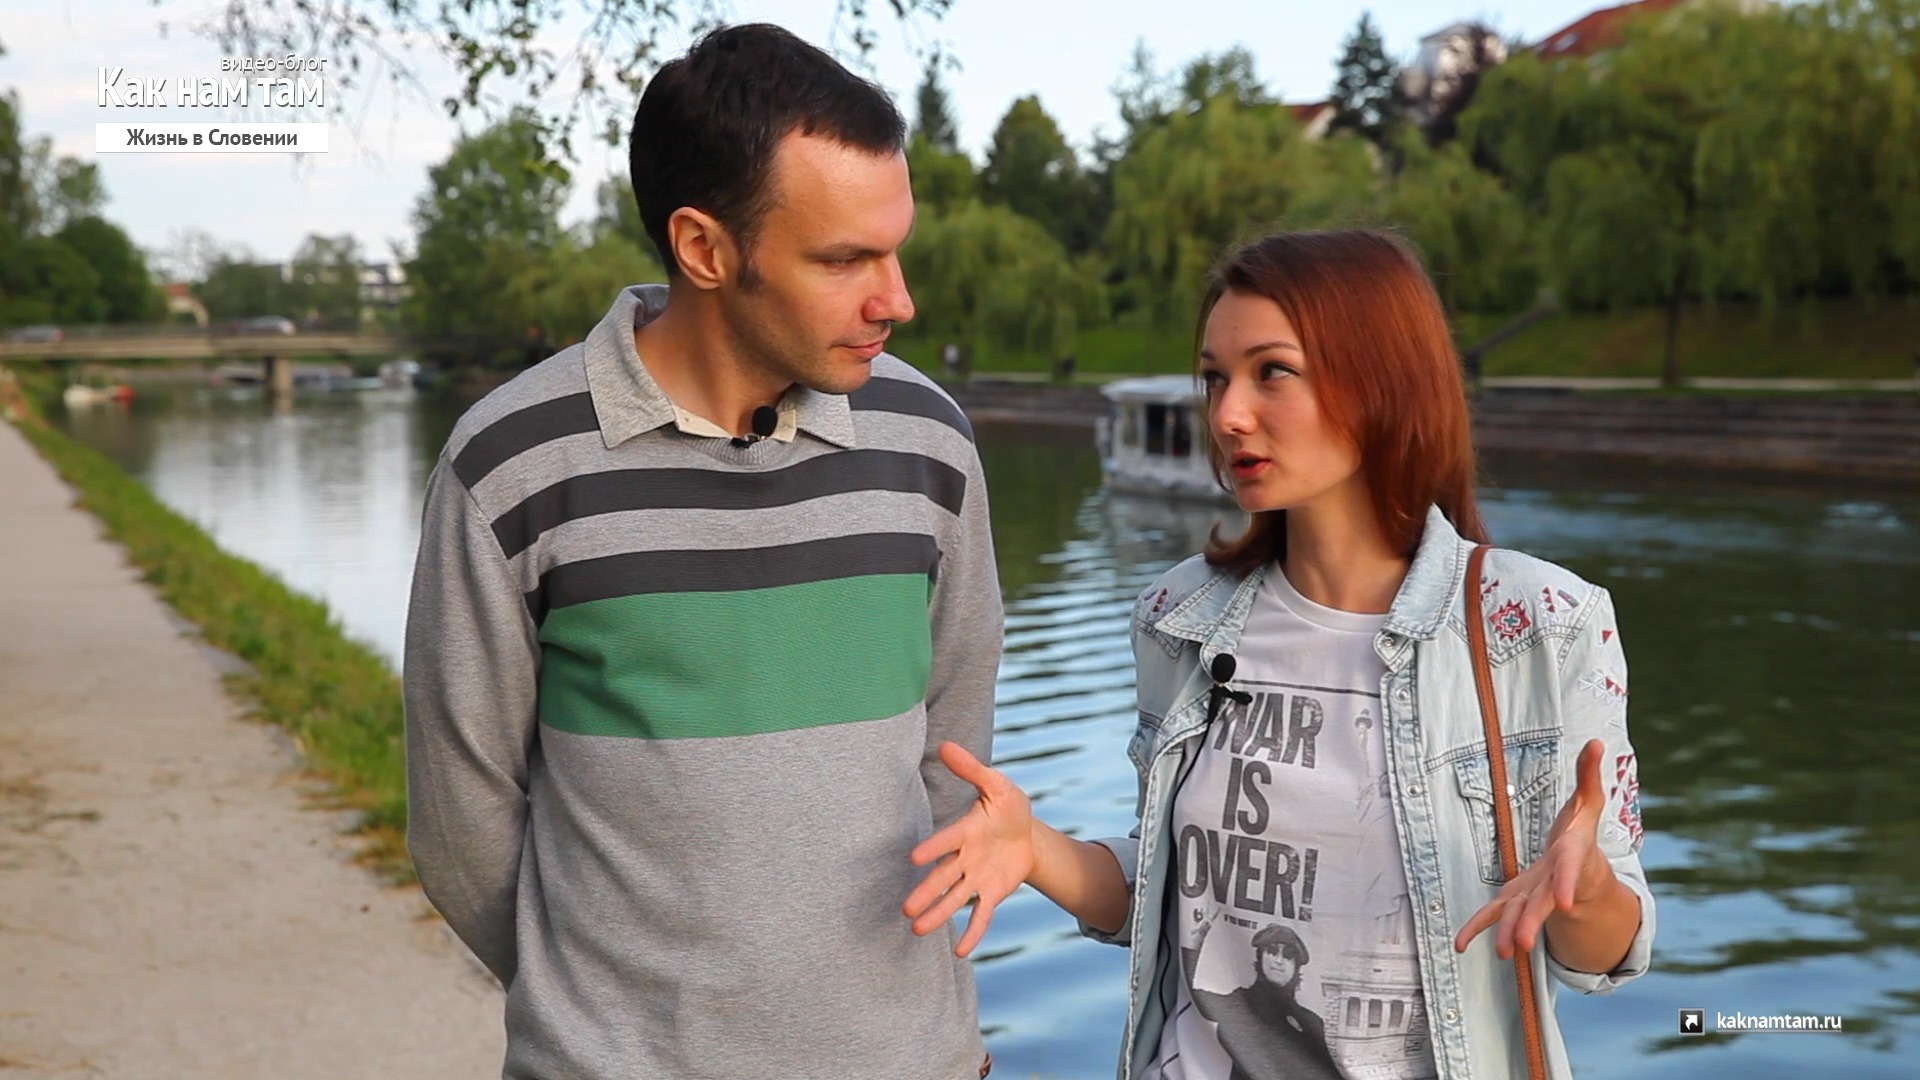 Жизнь в Словении отзыв